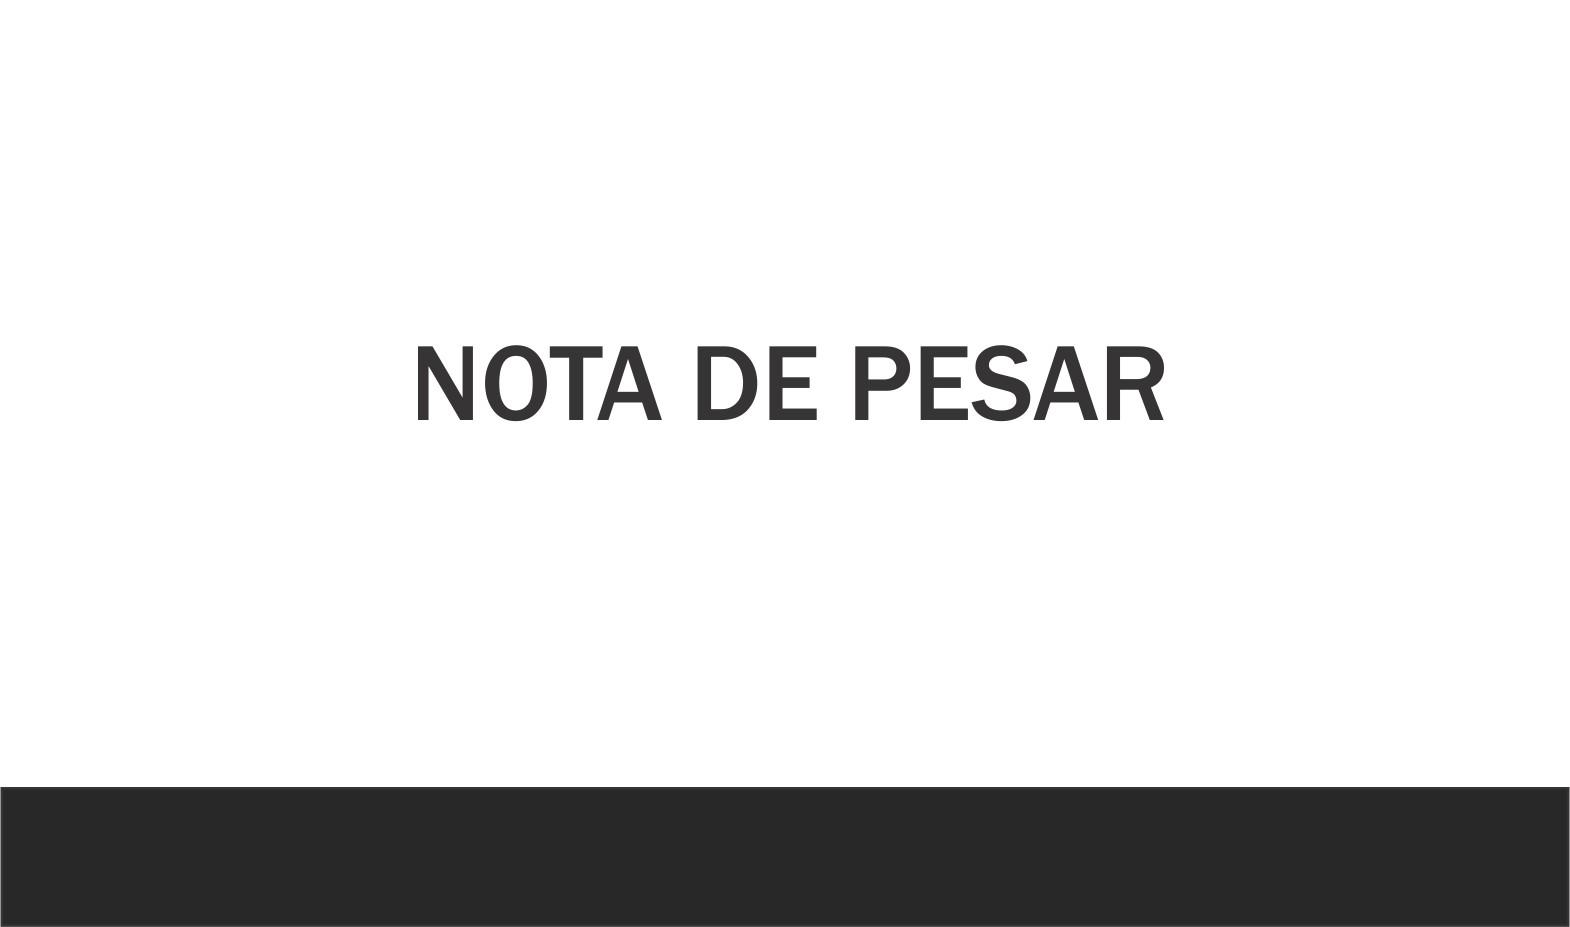 Nota de pesar –  Morre o economista Theotônio dos Santos, aos 81 anos